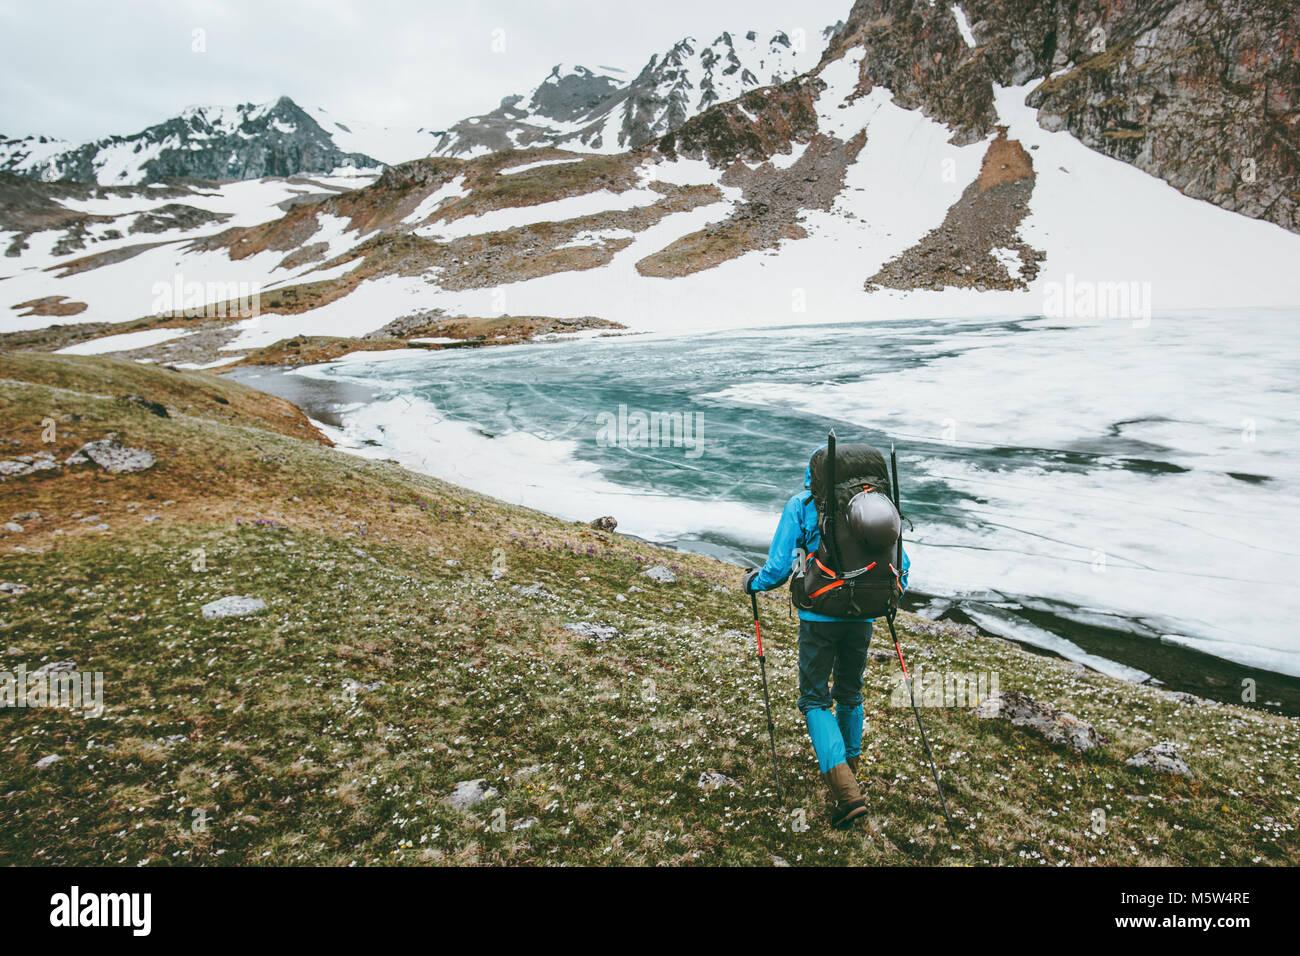 Uomo con zaino trekking in montagna Lifestyle viaggio concetto di sopravvivenza avventura esterna vacanze attive Immagini Stock